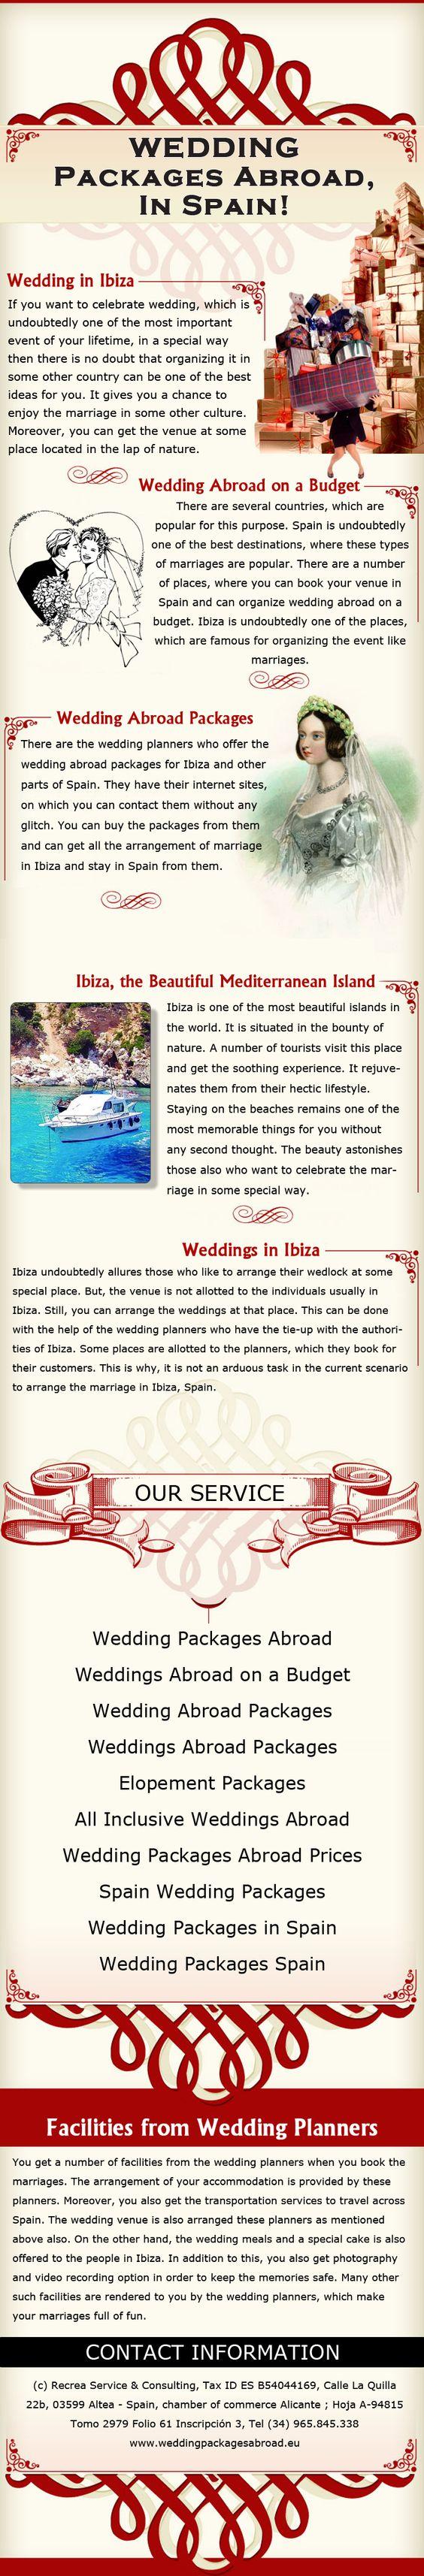 All Inclusive Wedding Venues Abroad